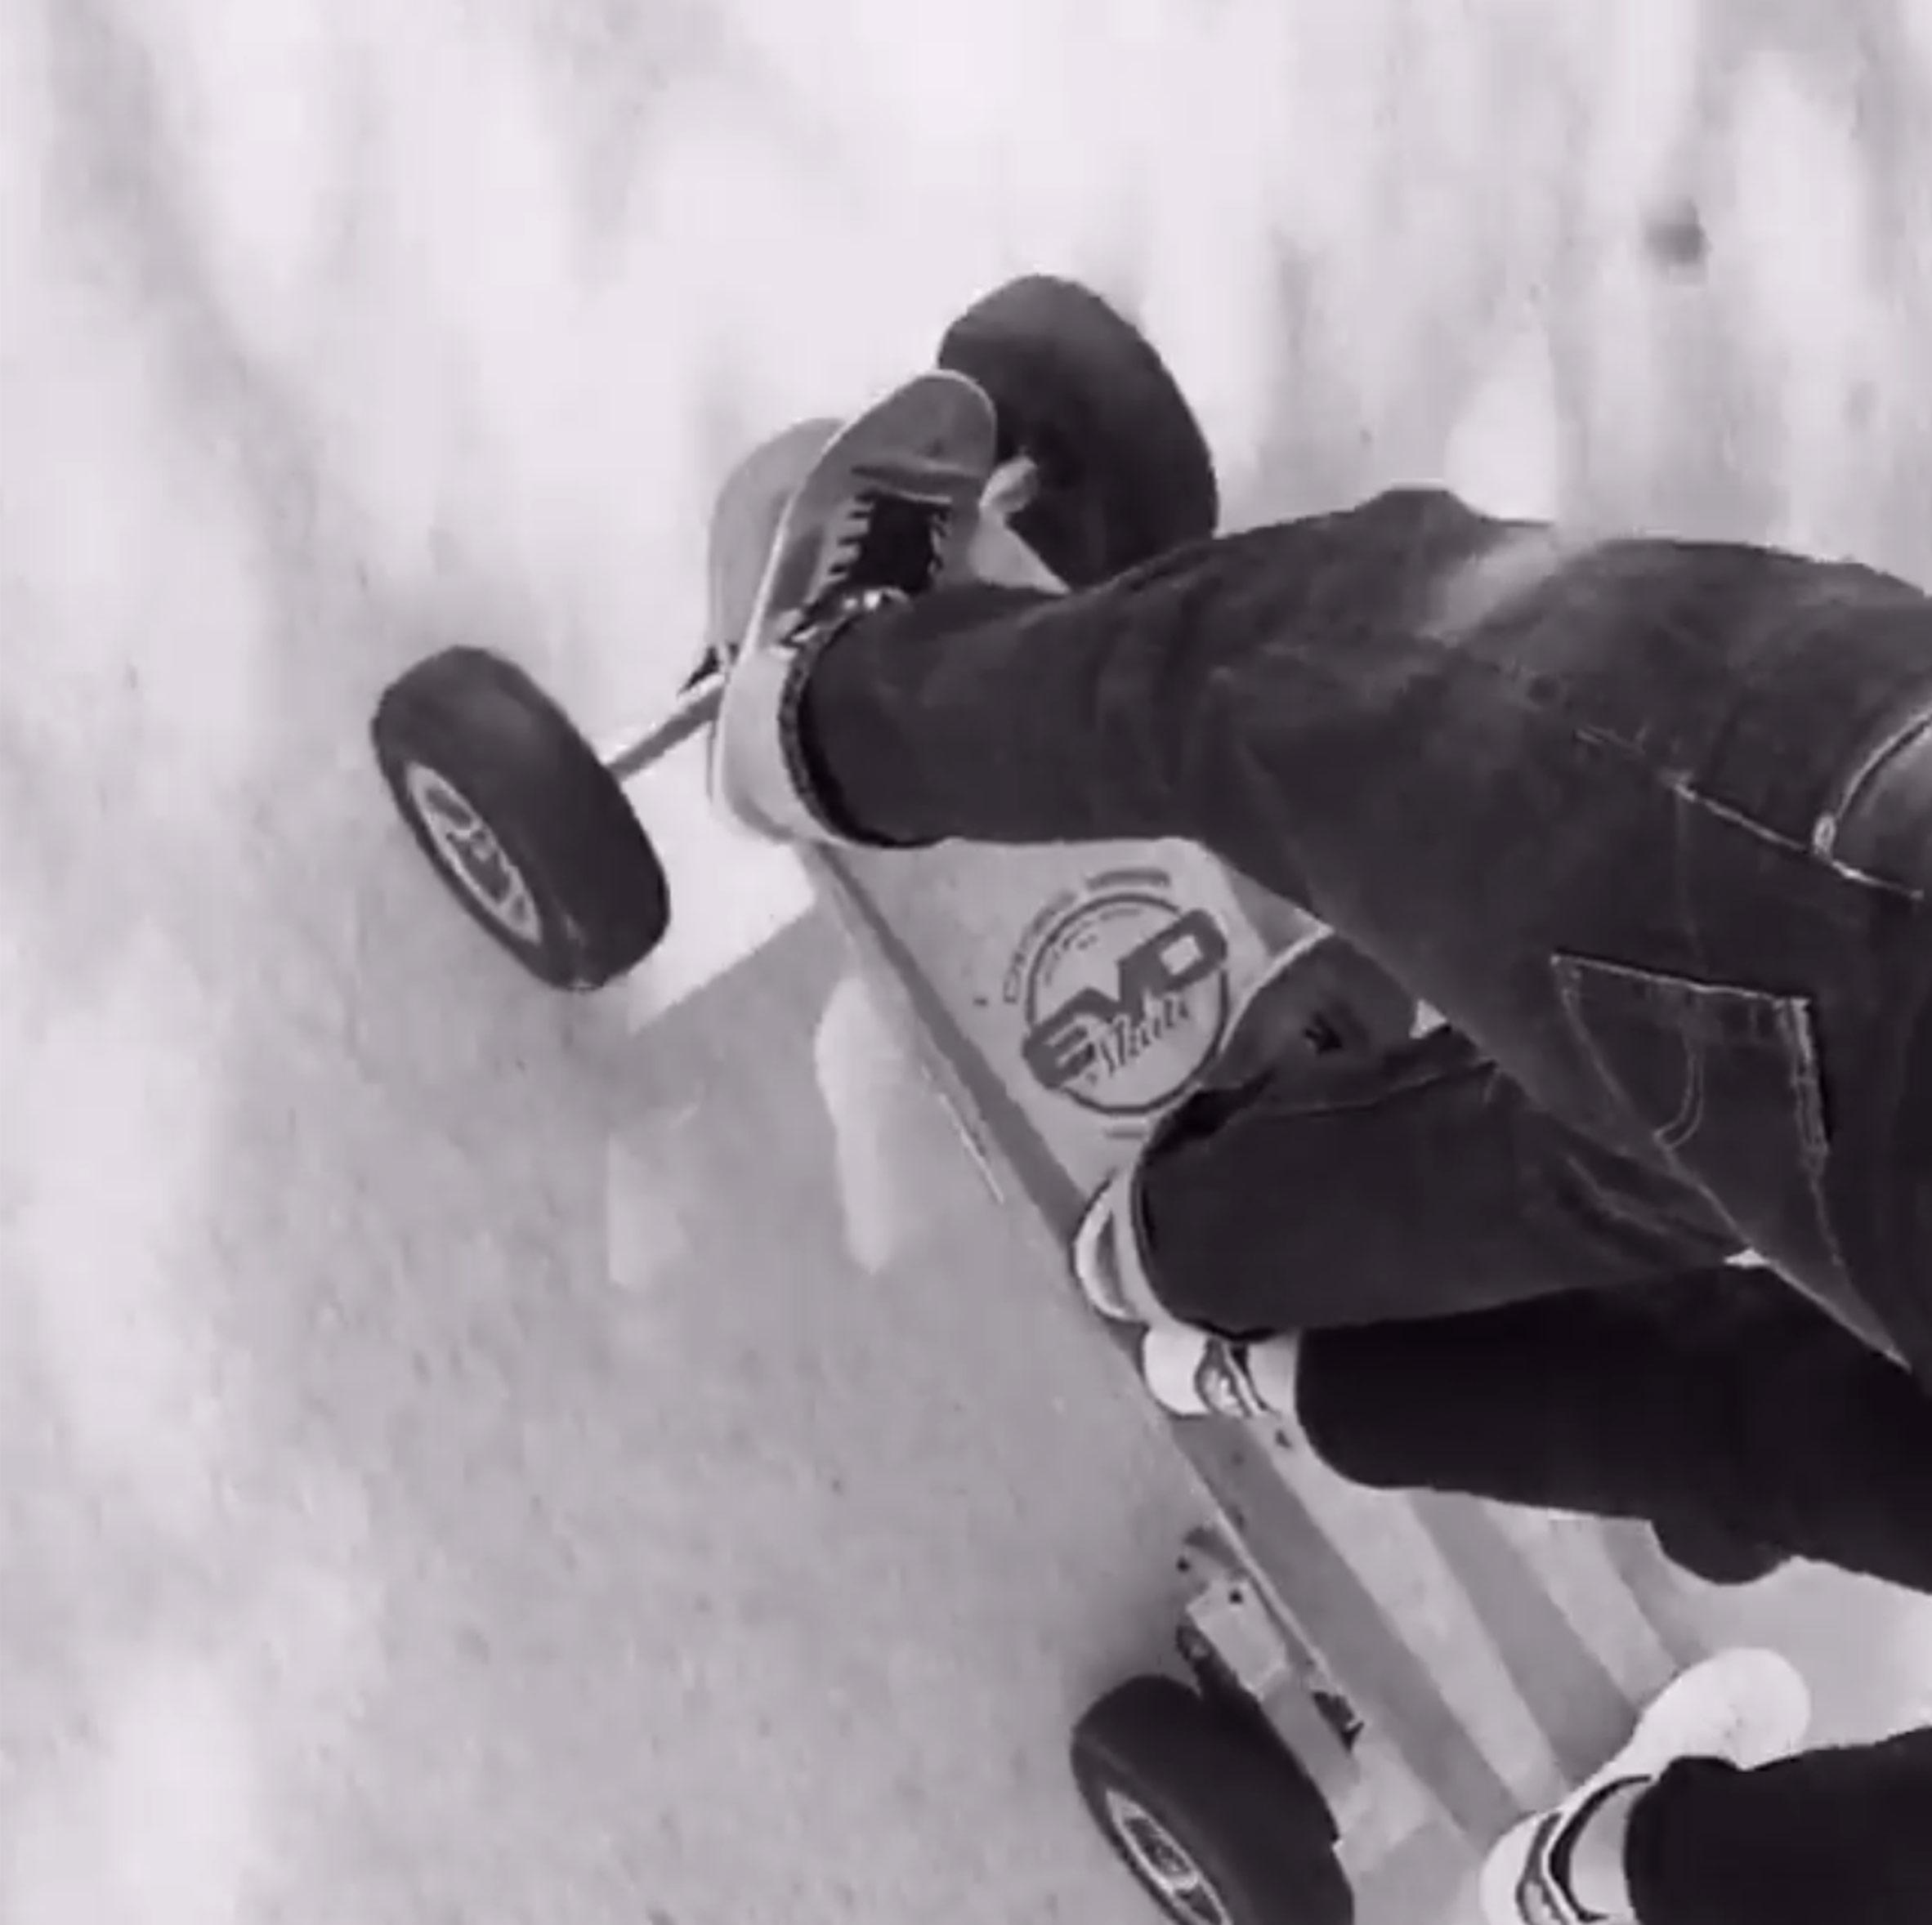 skate électrique cross tout terrain en couple